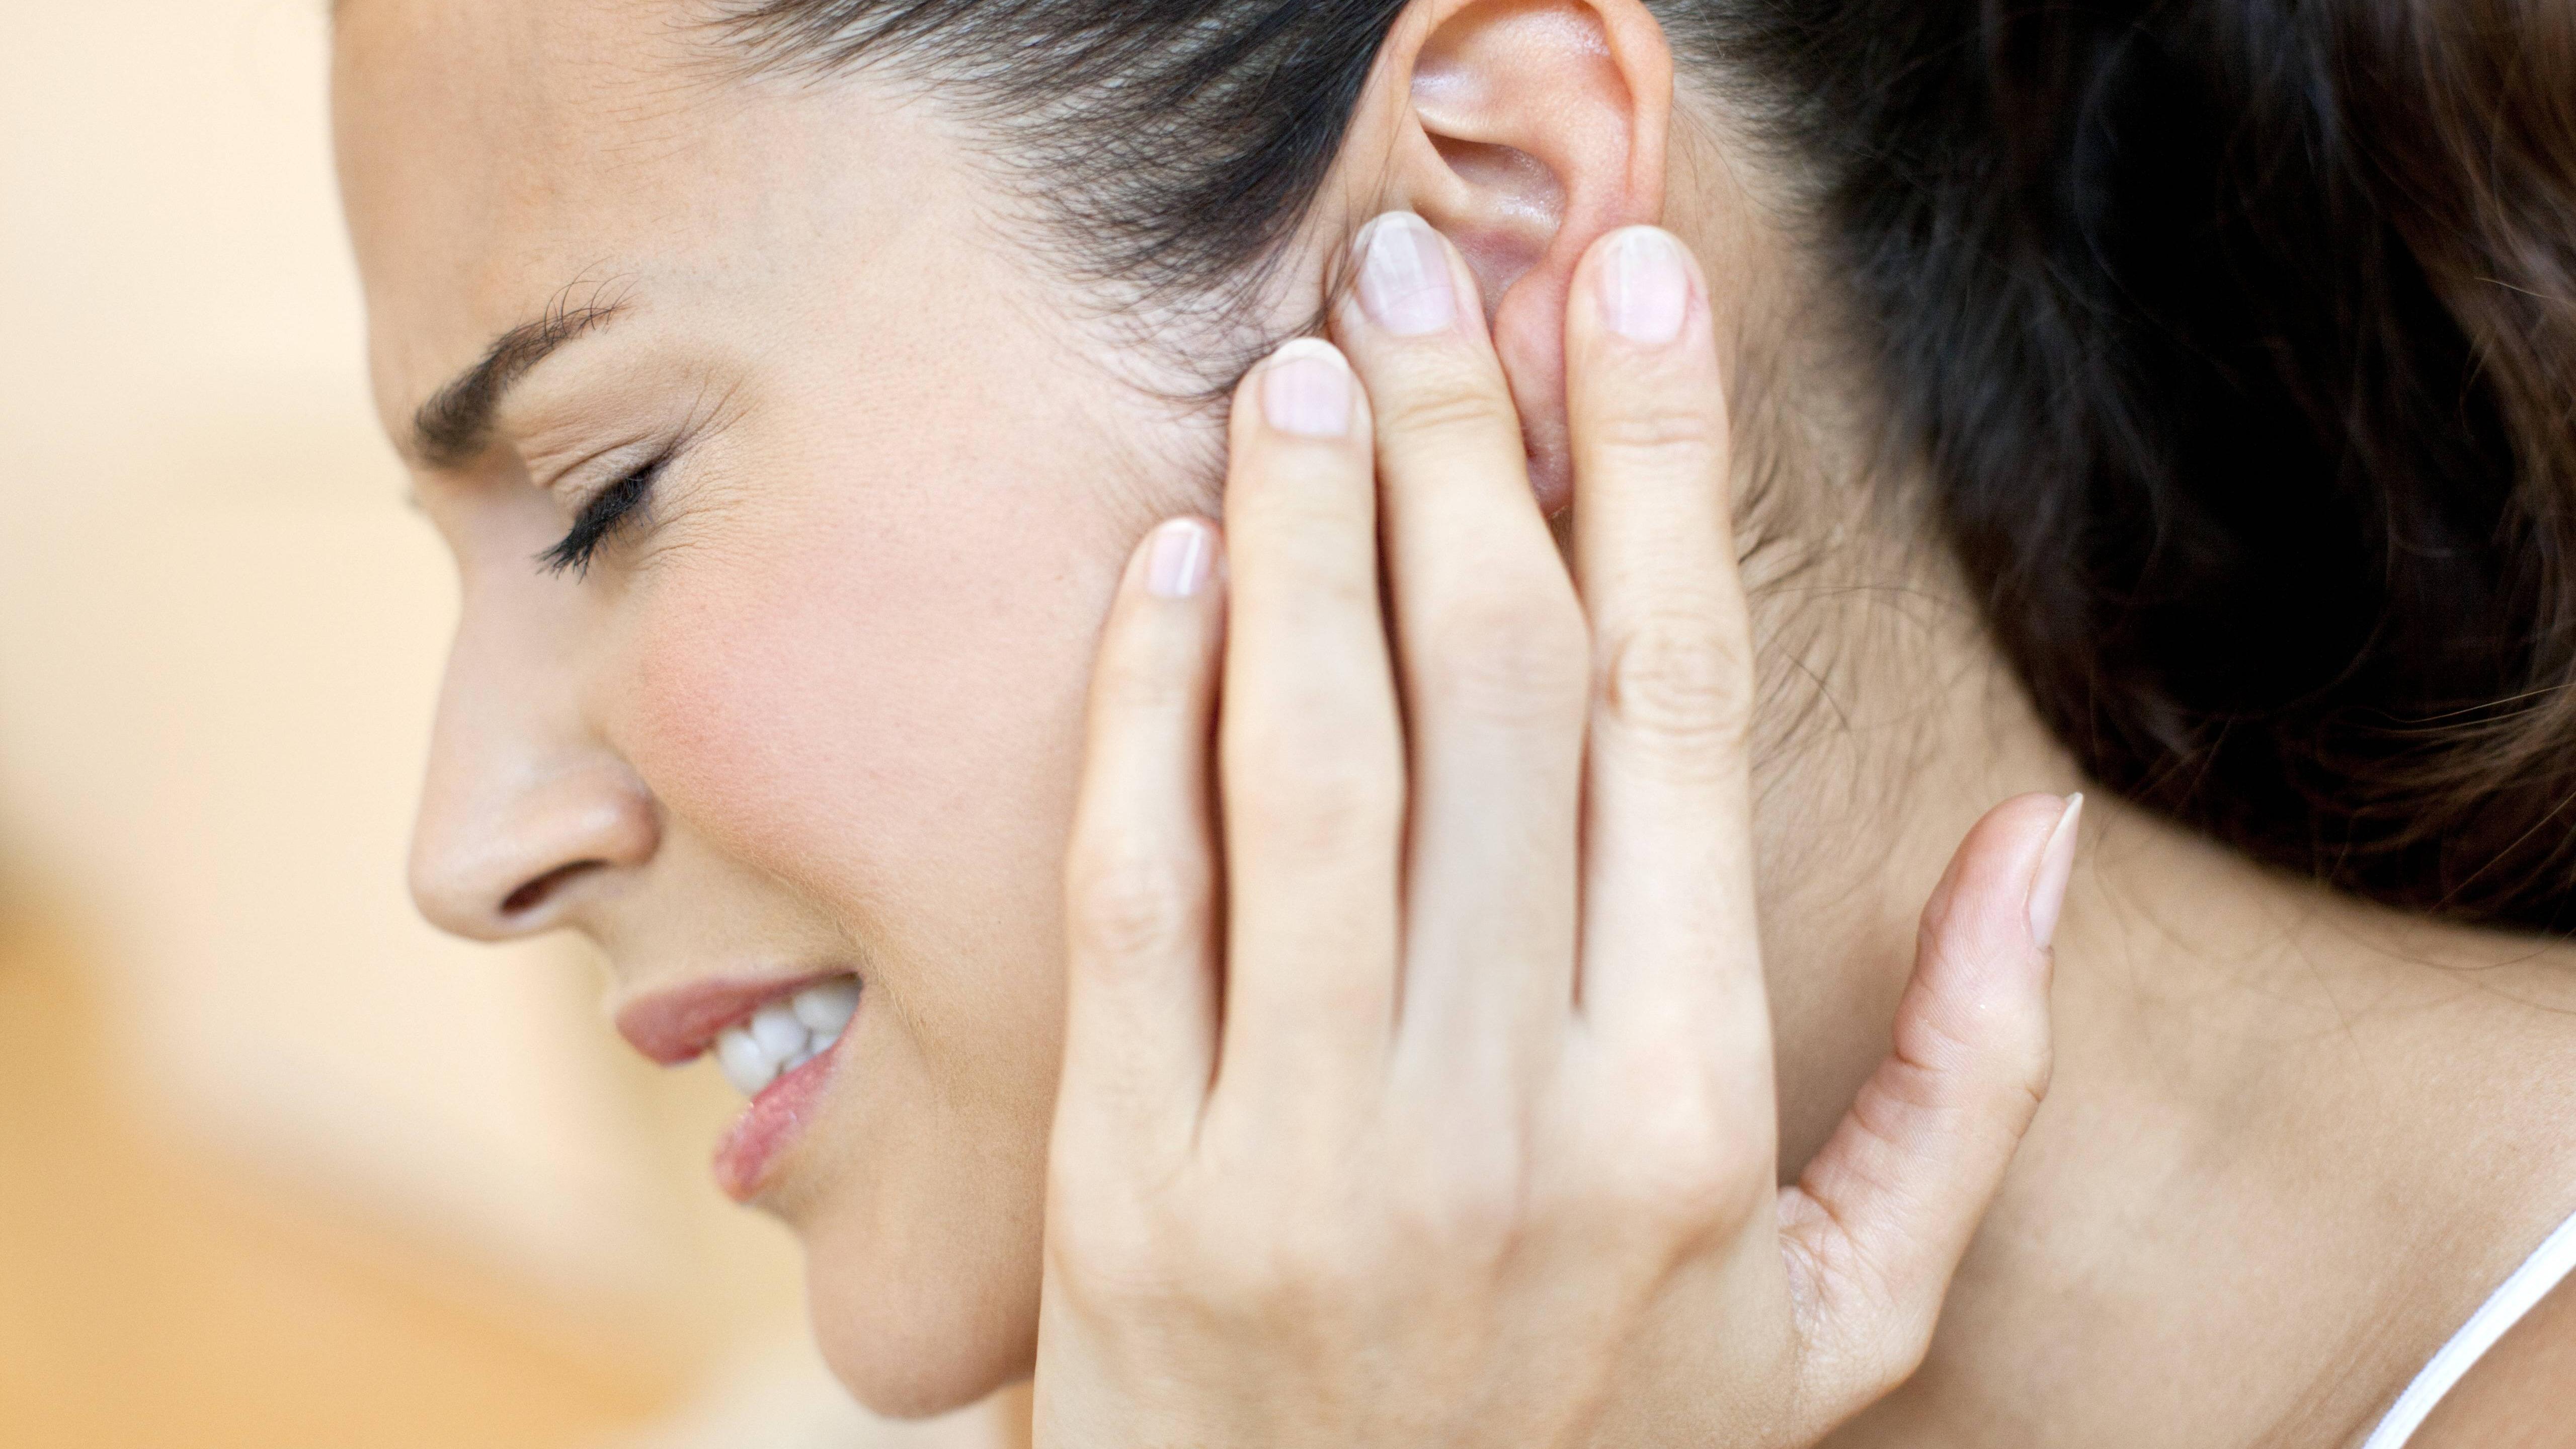 Hausmittel gegen Ohrenschmerzen: 5 altbewährte und natürliche Mittel